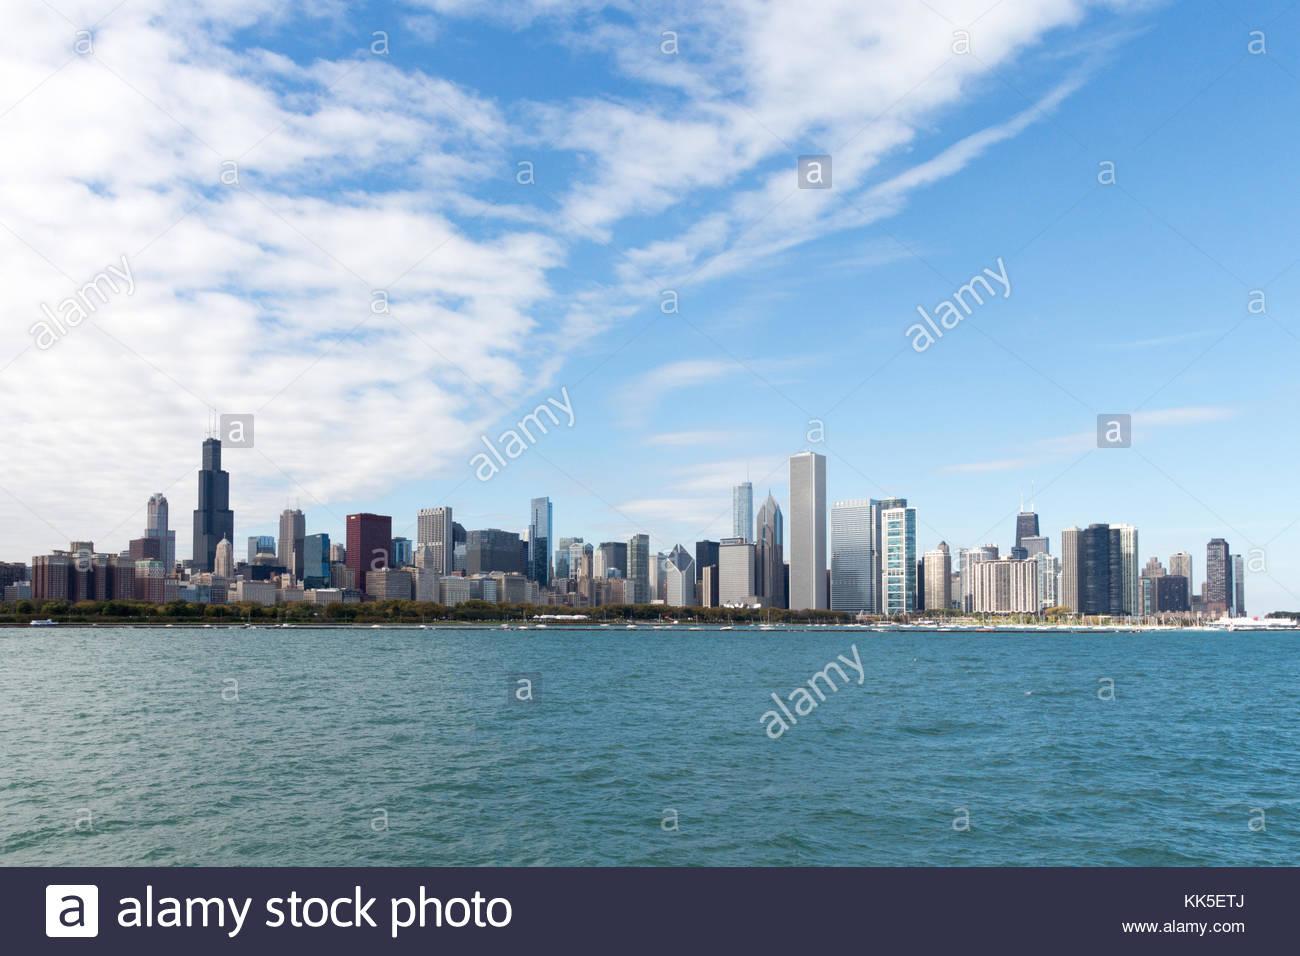 Chicago Landscapes Imágenes De Stock & Chicago Landscapes Fotos De ...